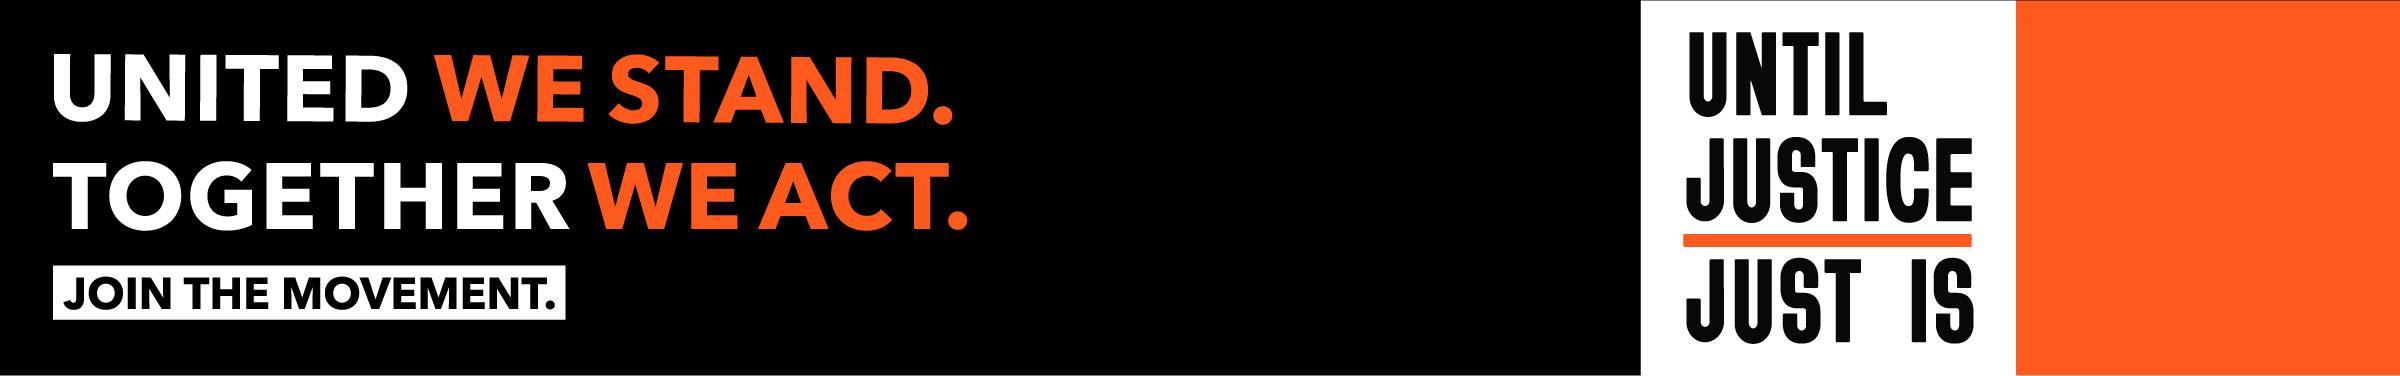 320x50_Blank